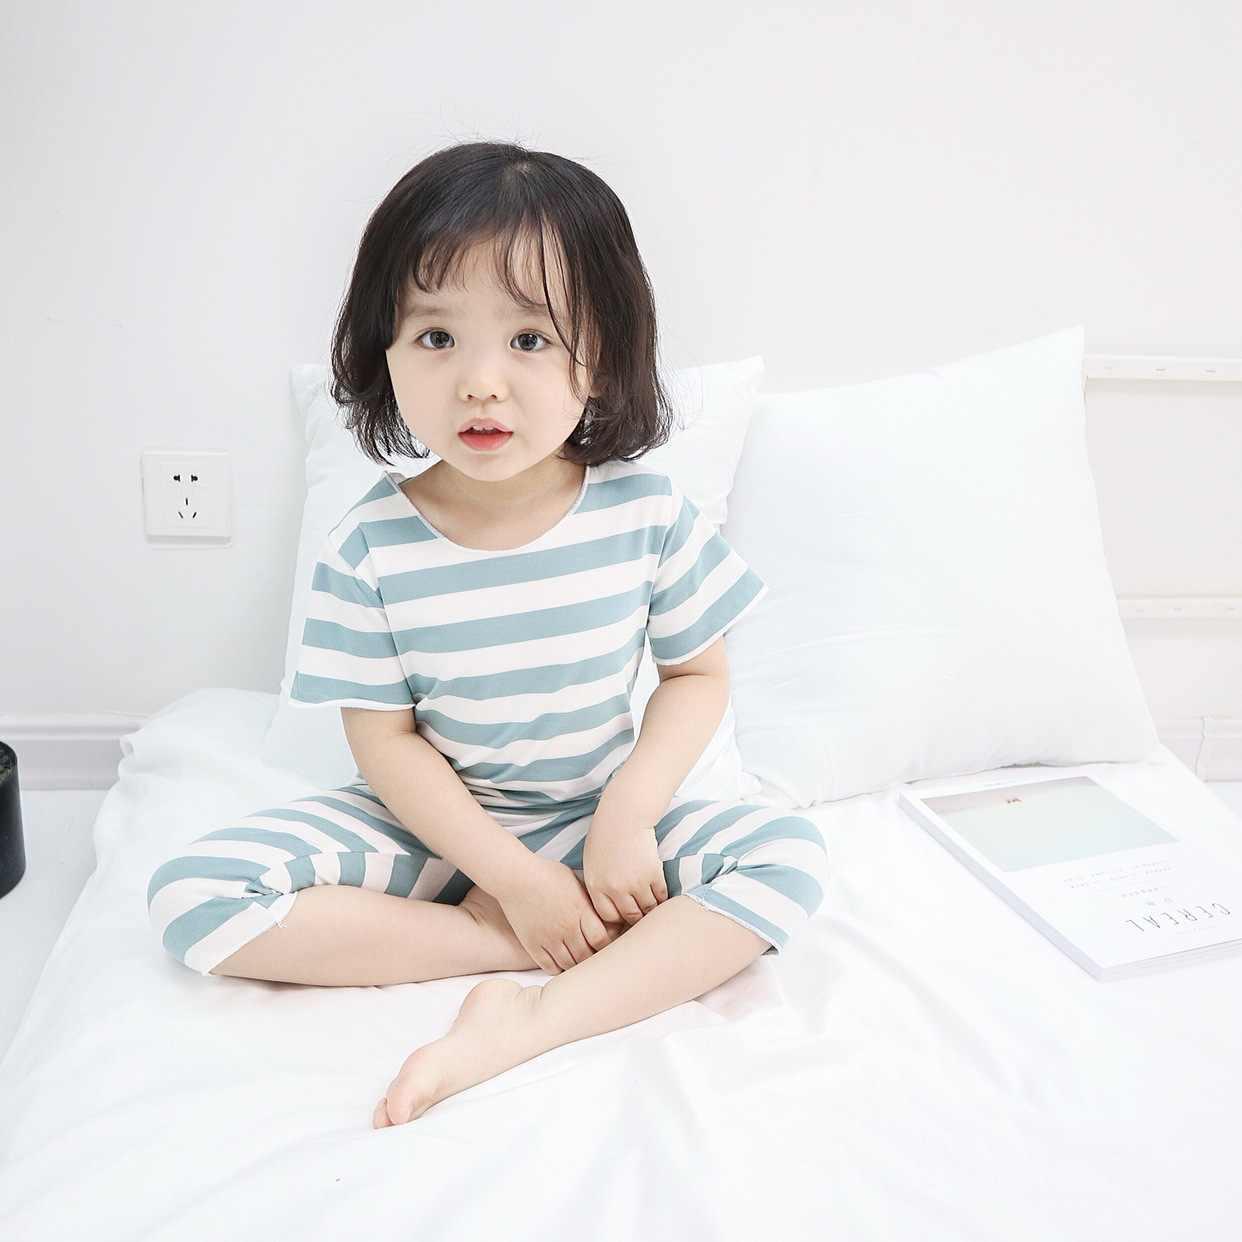 Cienkie słodkie dziewczynek ubrania letnie maluch dzieci dzianiny topy w paski + spodenki do spania w domu garnitur dzieci dziewczyna dla dzieci zestawy dla dzieci stroje